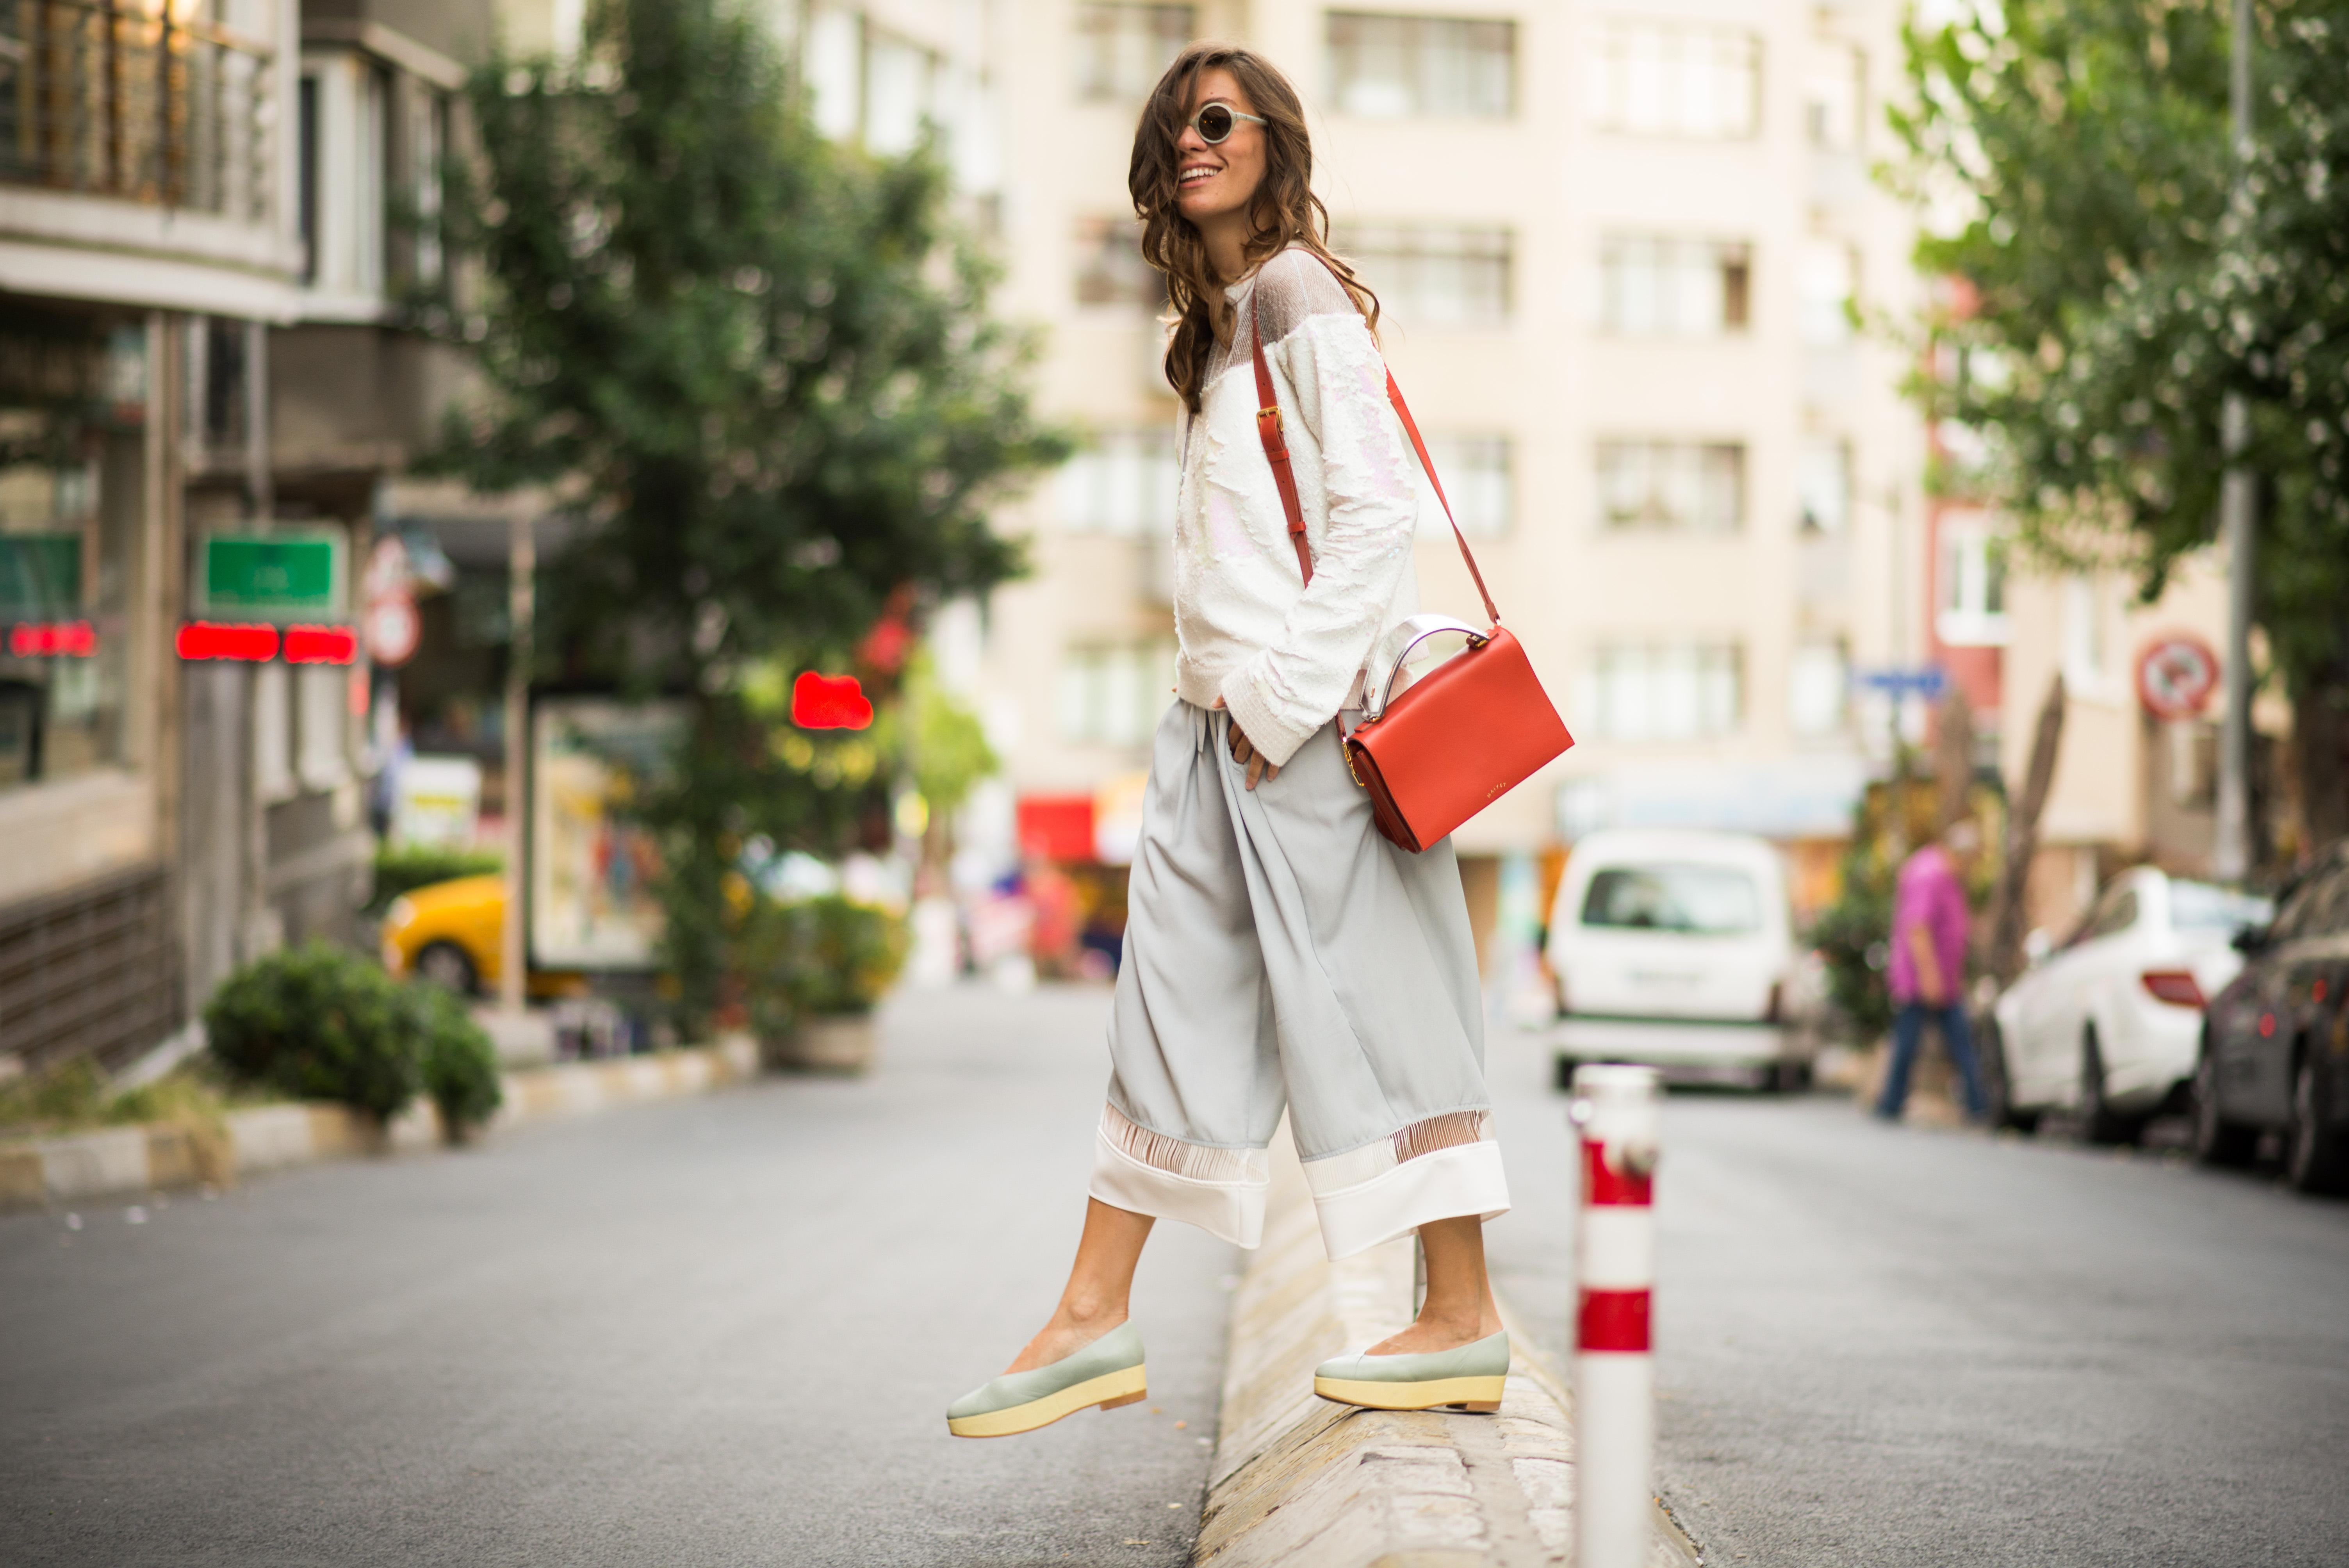 off ne giysem, billur saatci, street style, derishow, gamze saraçoğlu, eva vs maria, maiyet, beymen, hally and son,